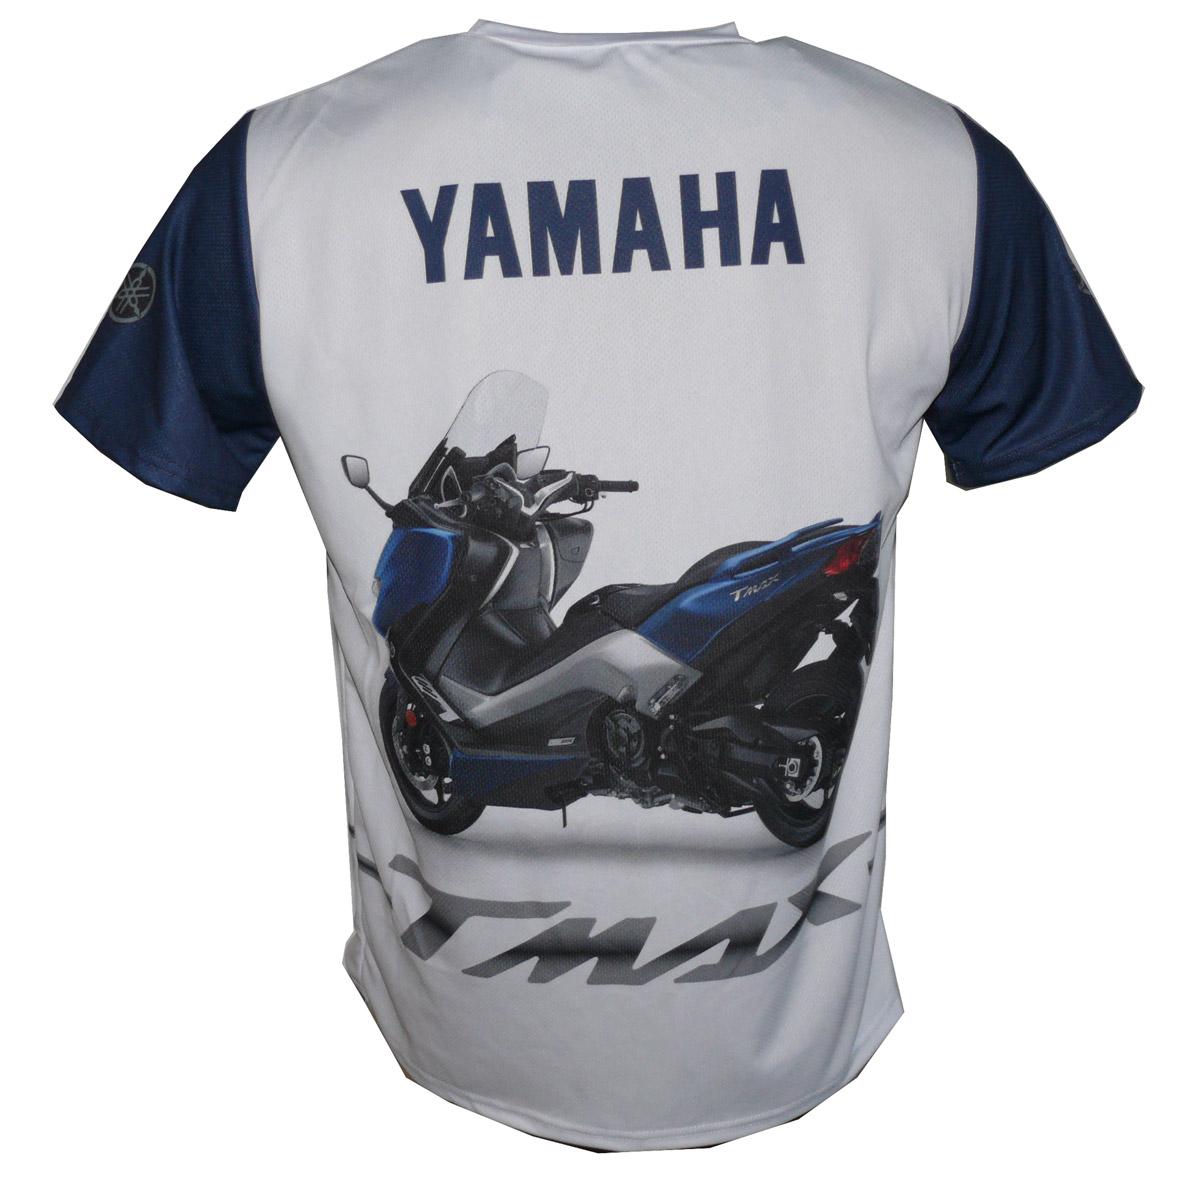 yamaha t max scooter dx 2017 2018 shirt